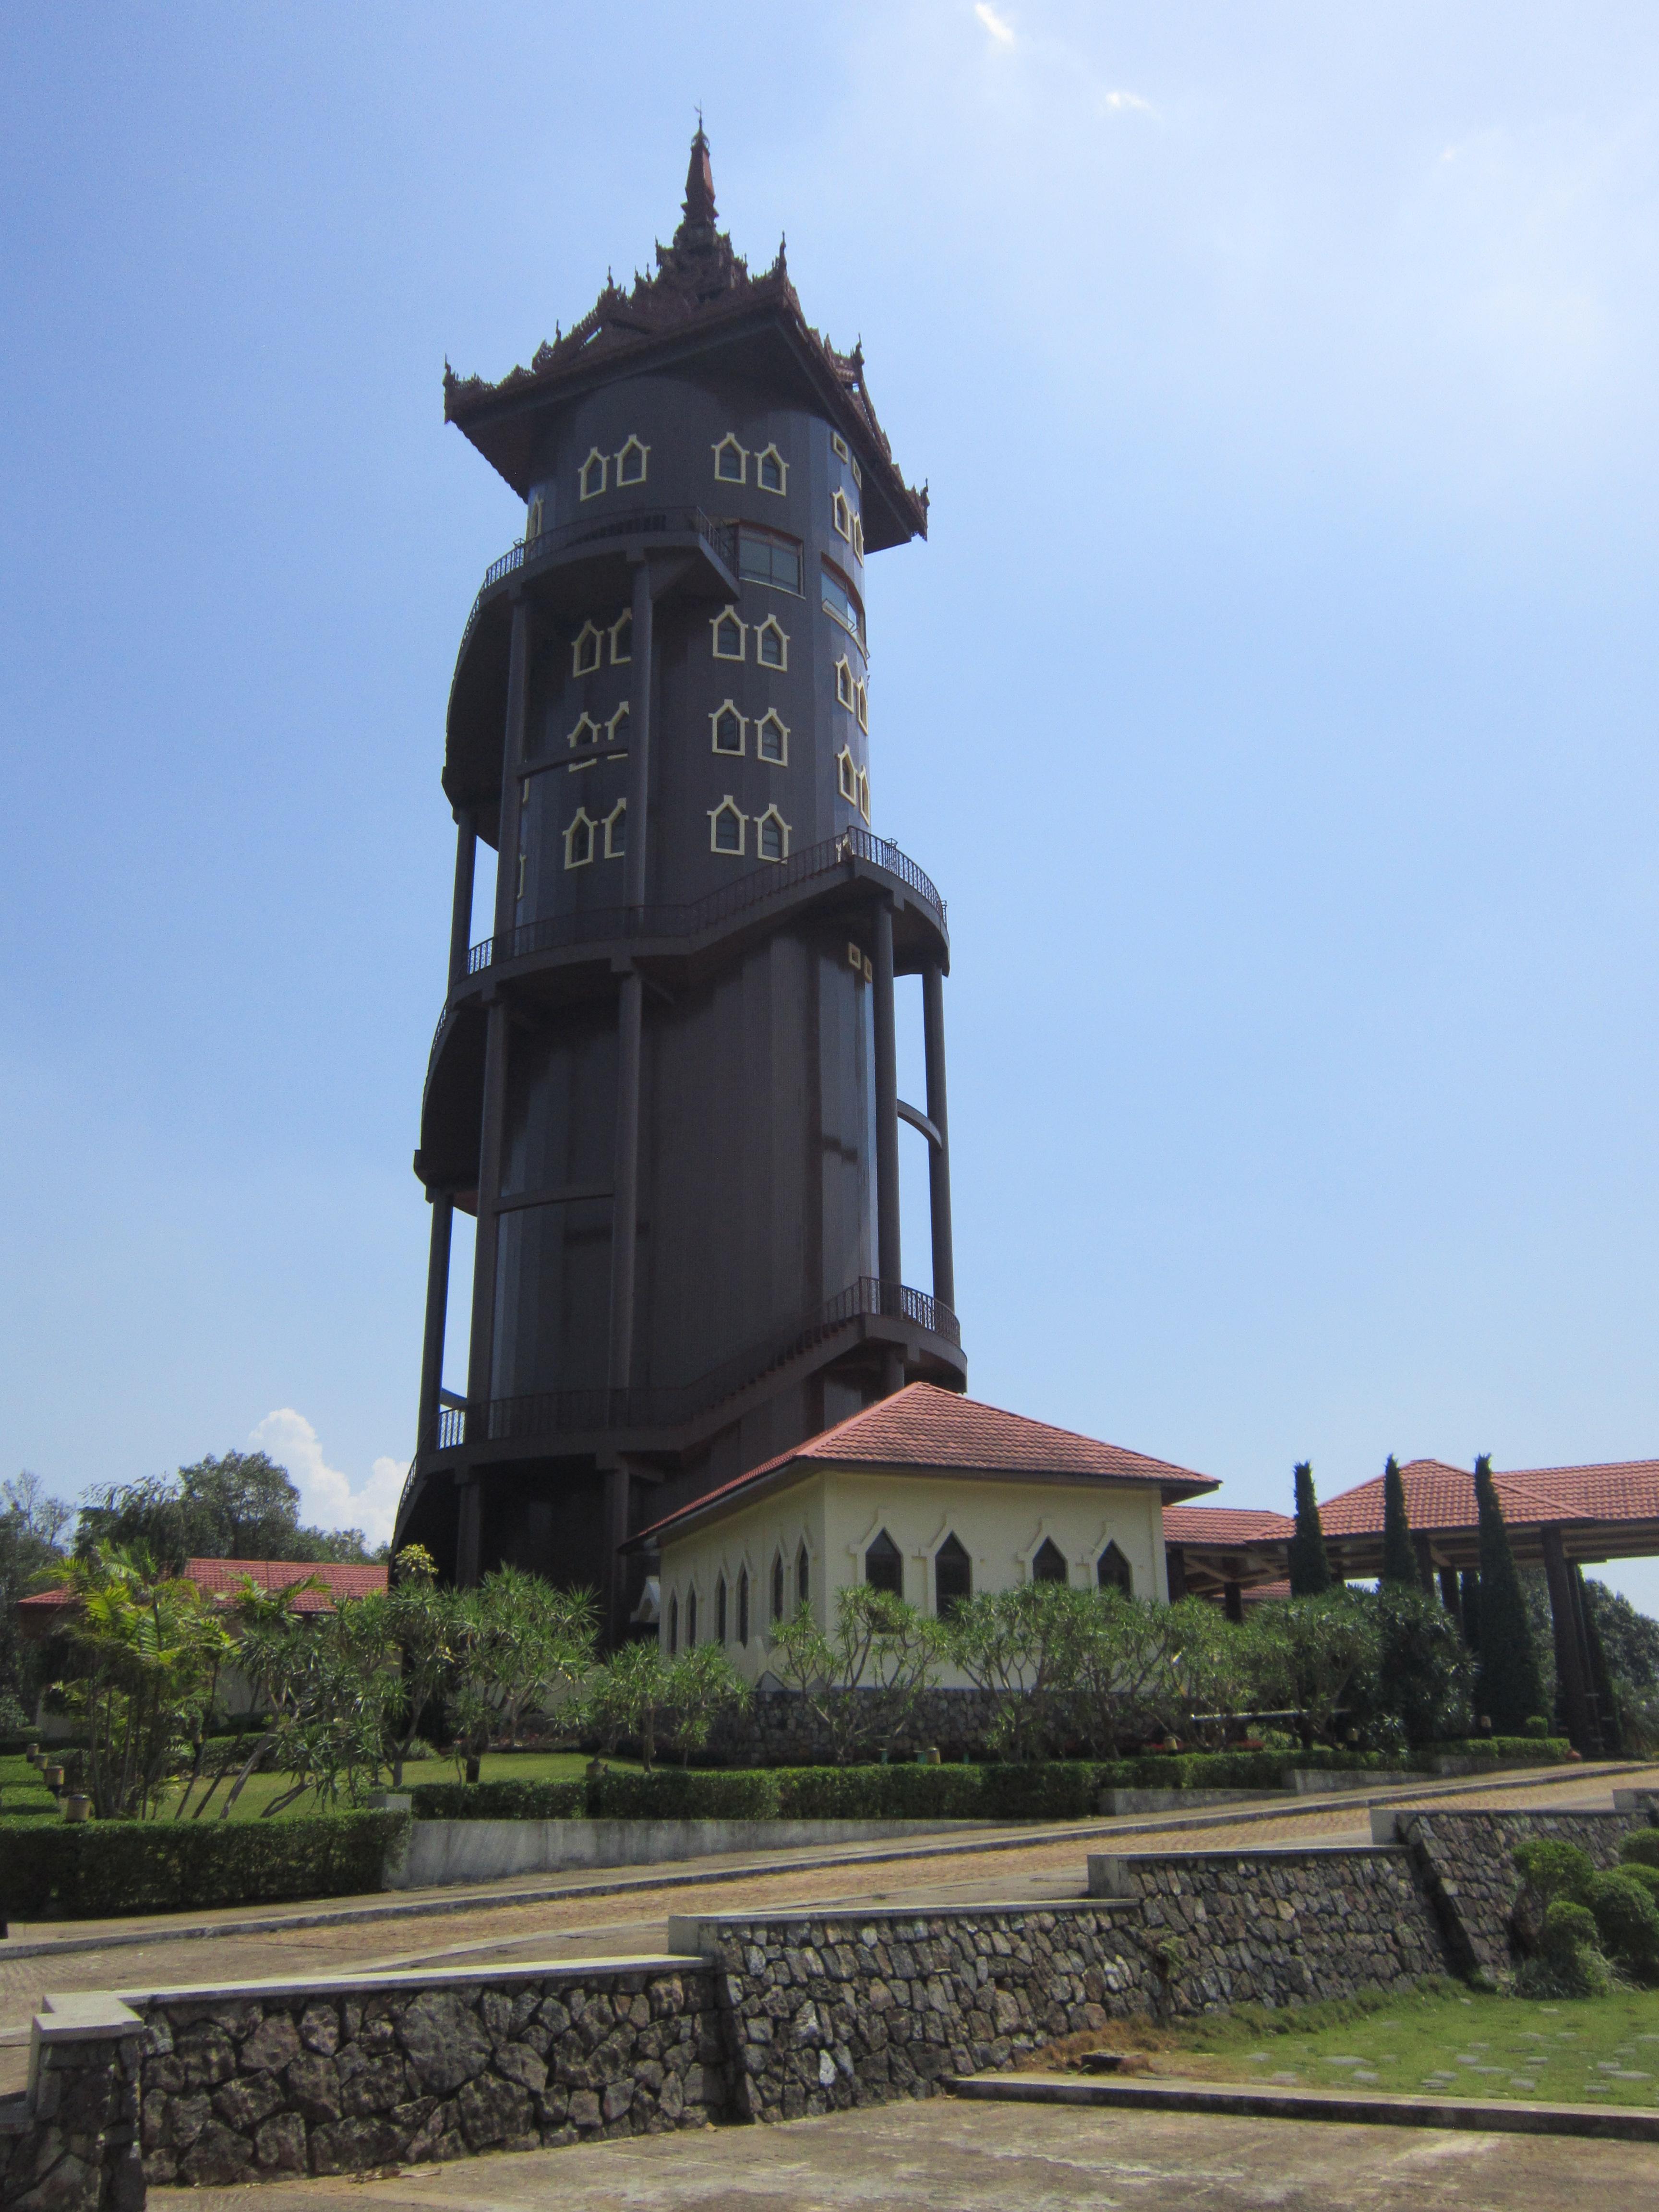 Pyin Oo Lwin - National Kandawgyi Botanical Gardens - Viewing tower